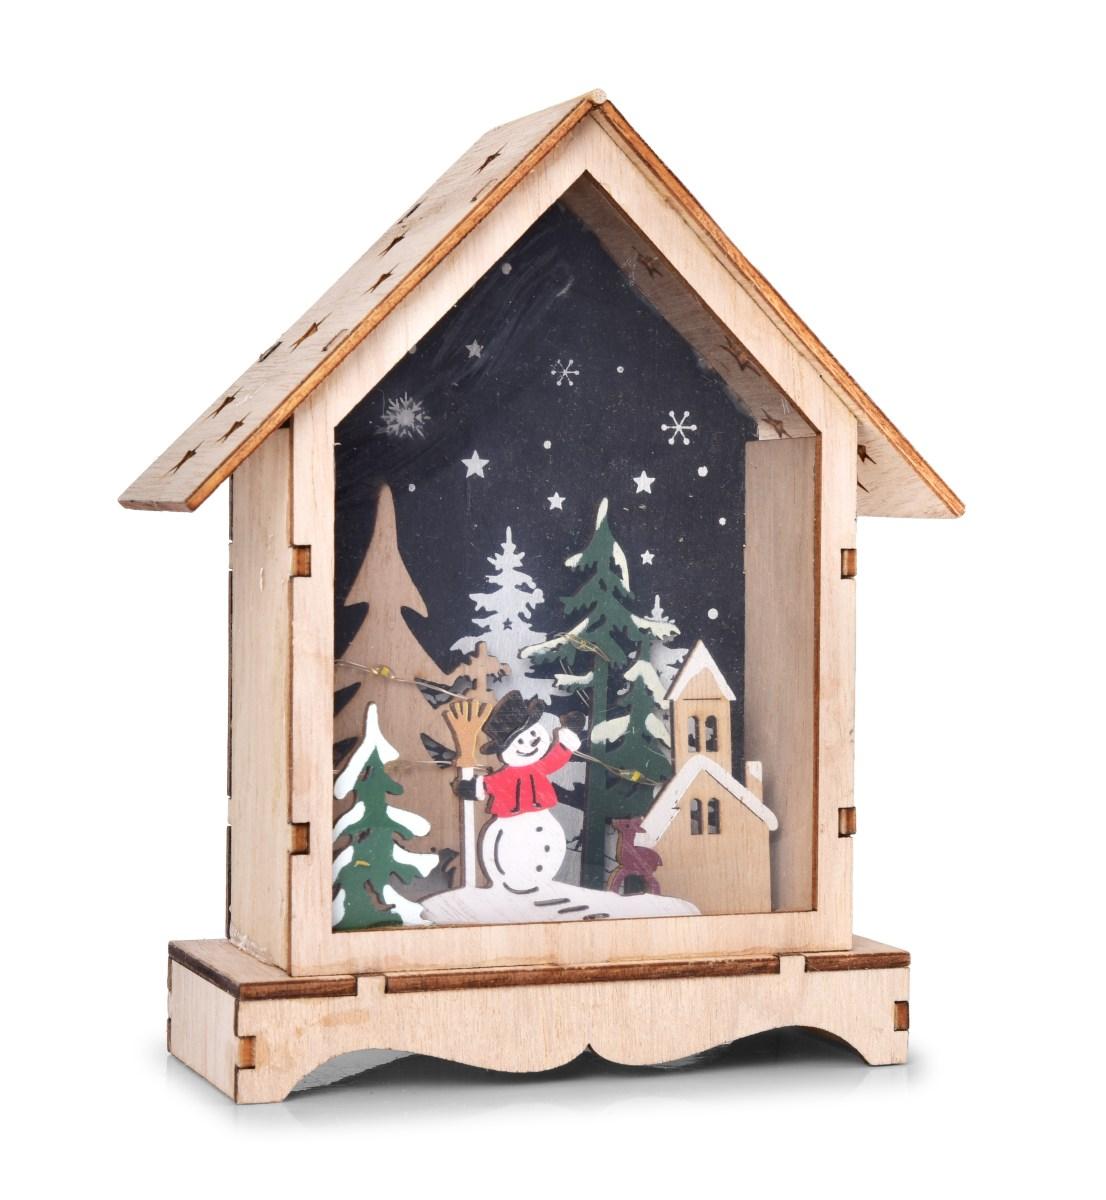 16 cm domek uvnitř s lesním zátiším s LED osvětlením